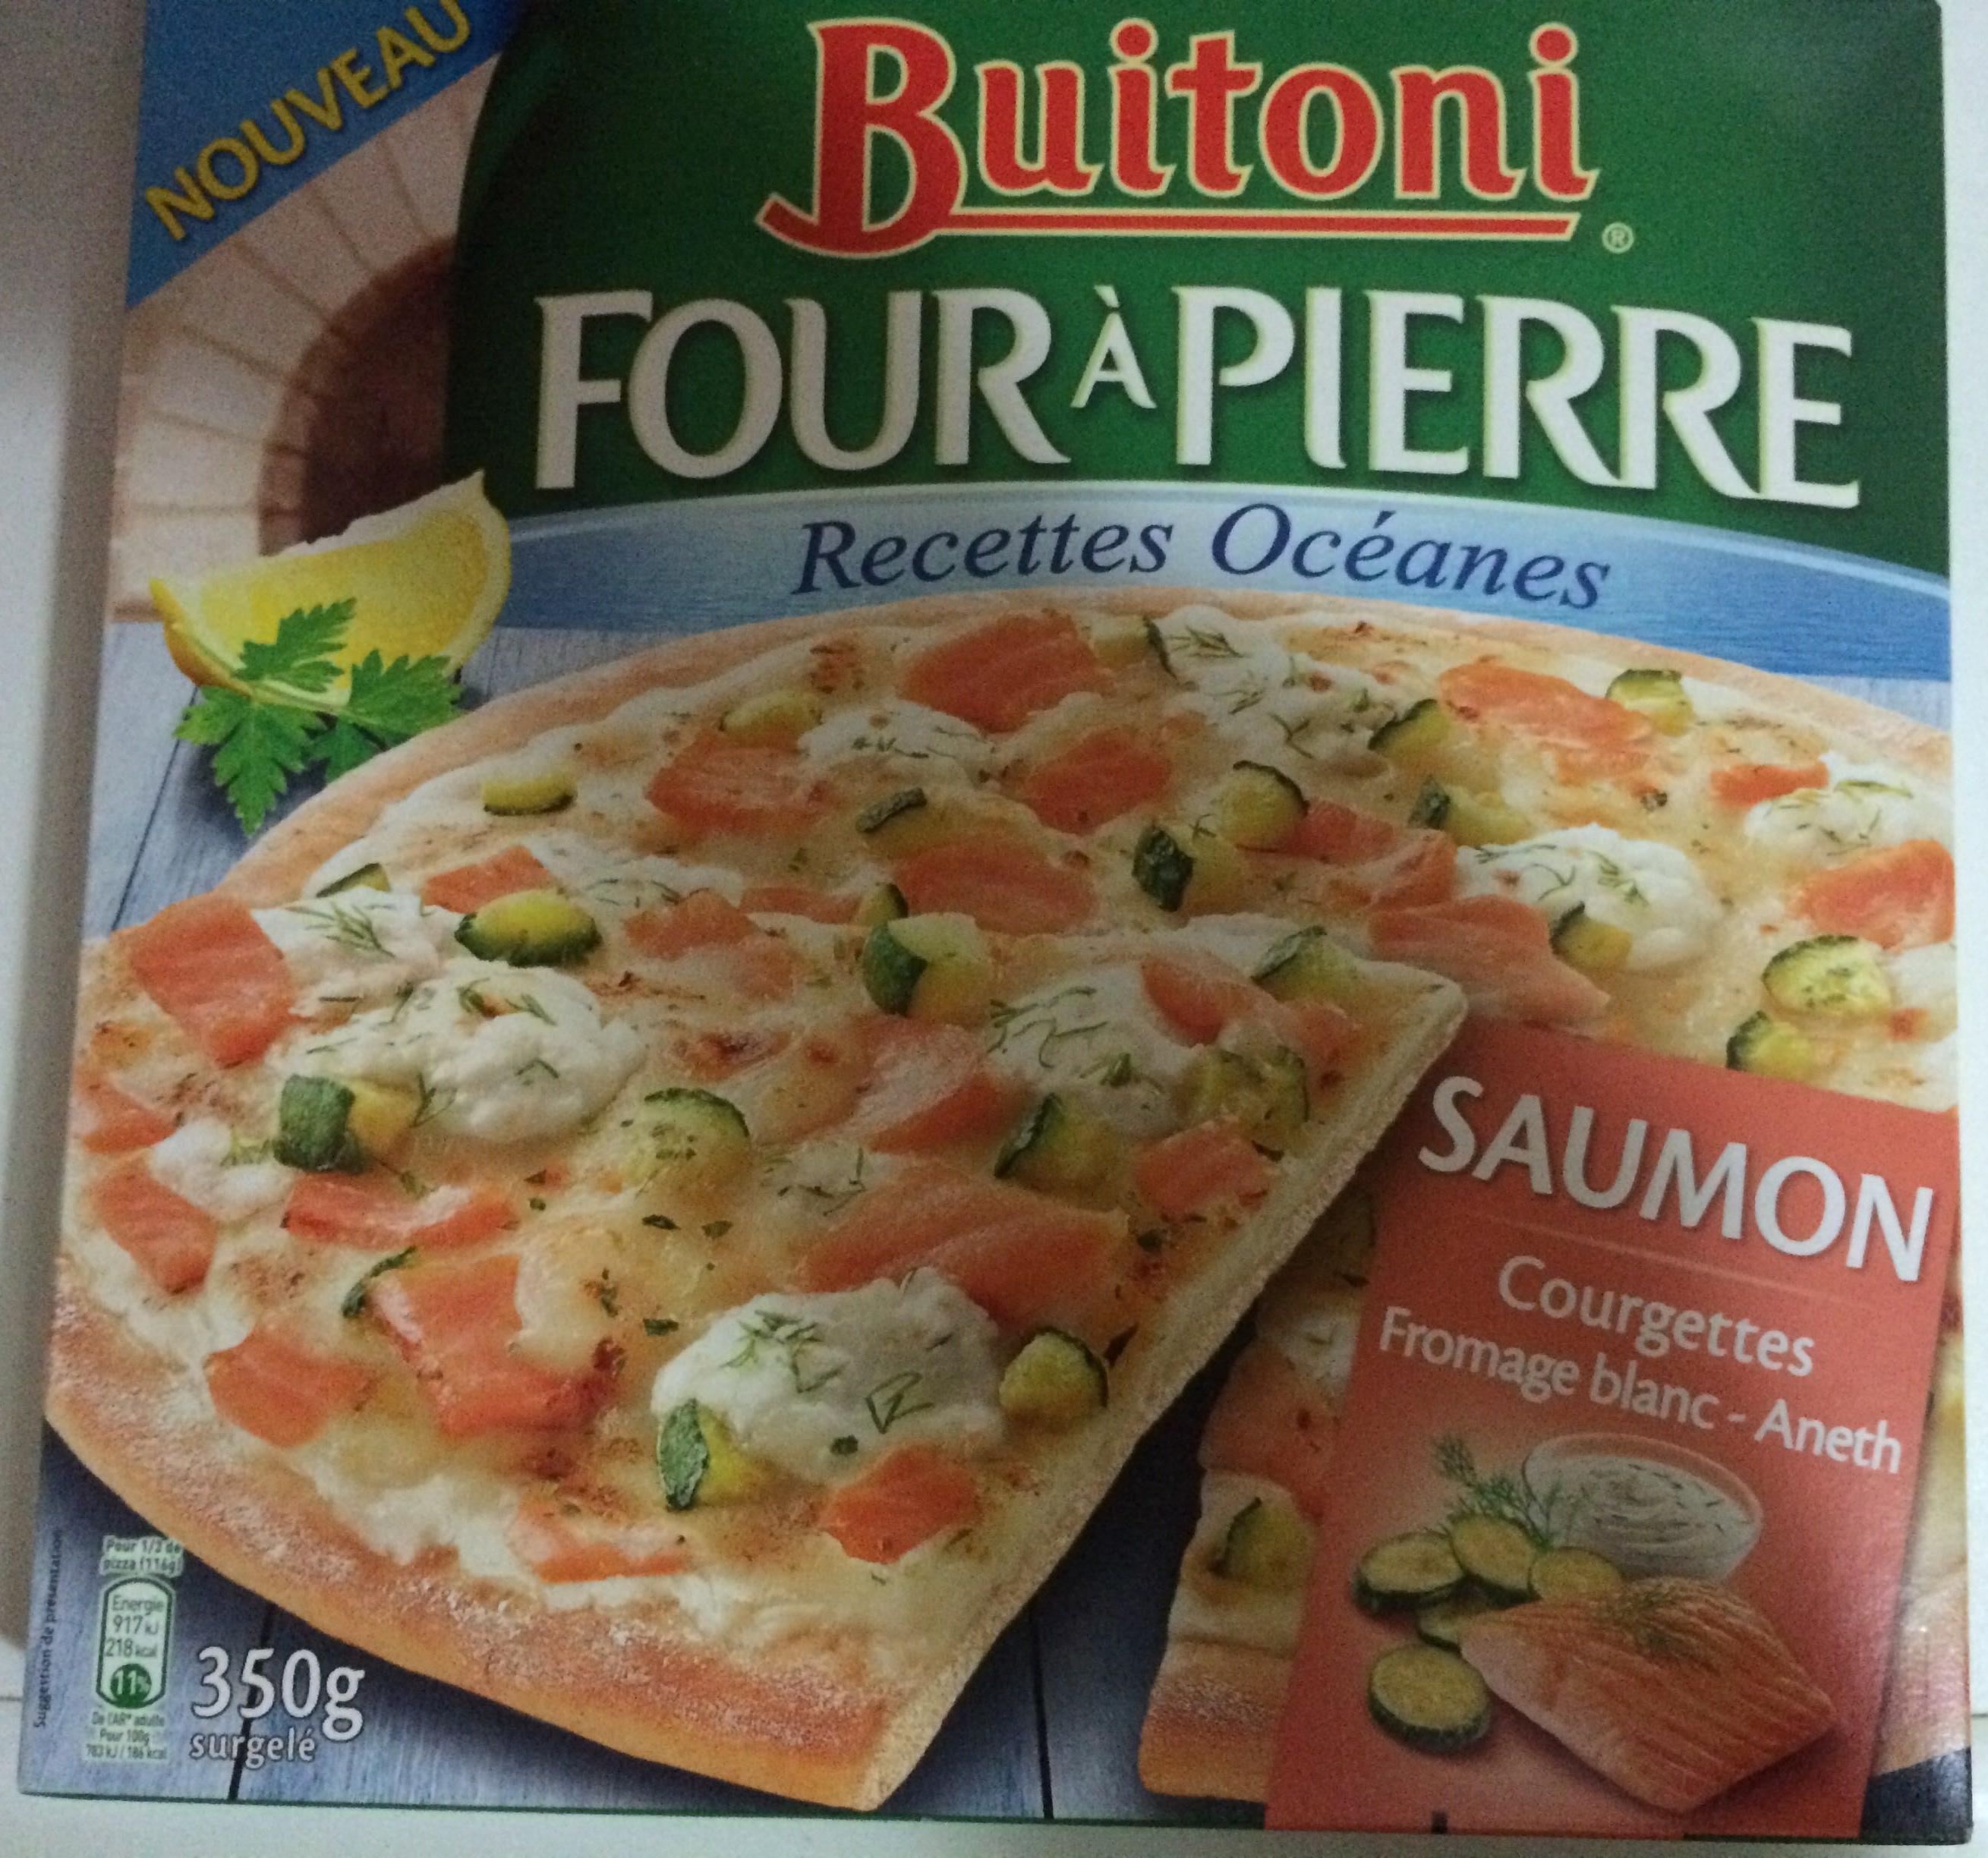 Four à pierre - Recettes Océanes - Produit - fr